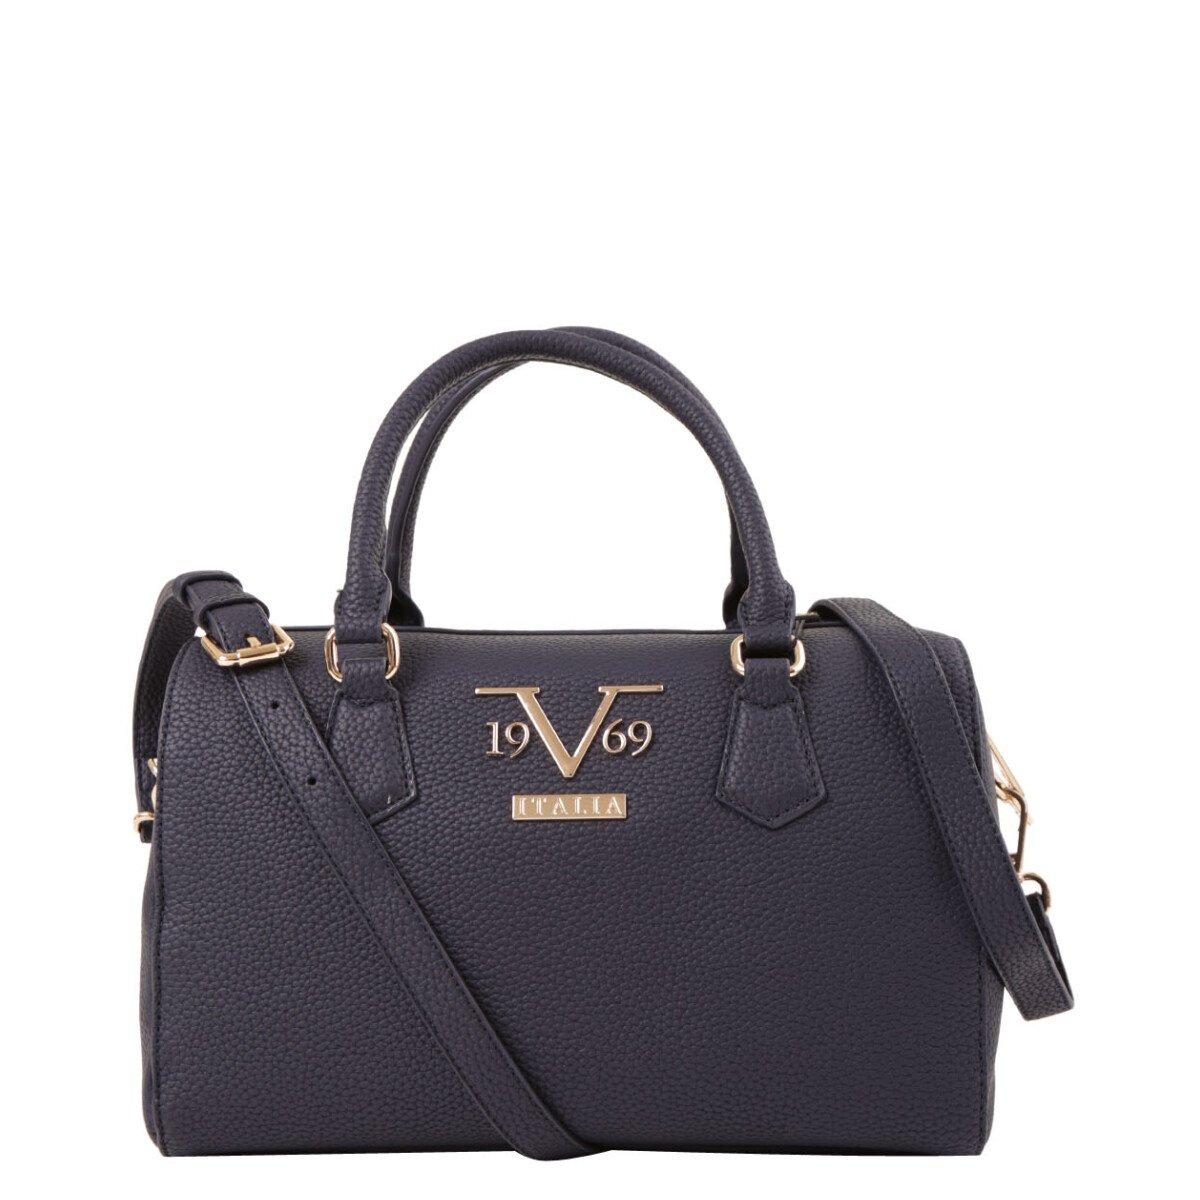 19v69 Italia Women's Handbag Various Colours 319009 - blue UNICA